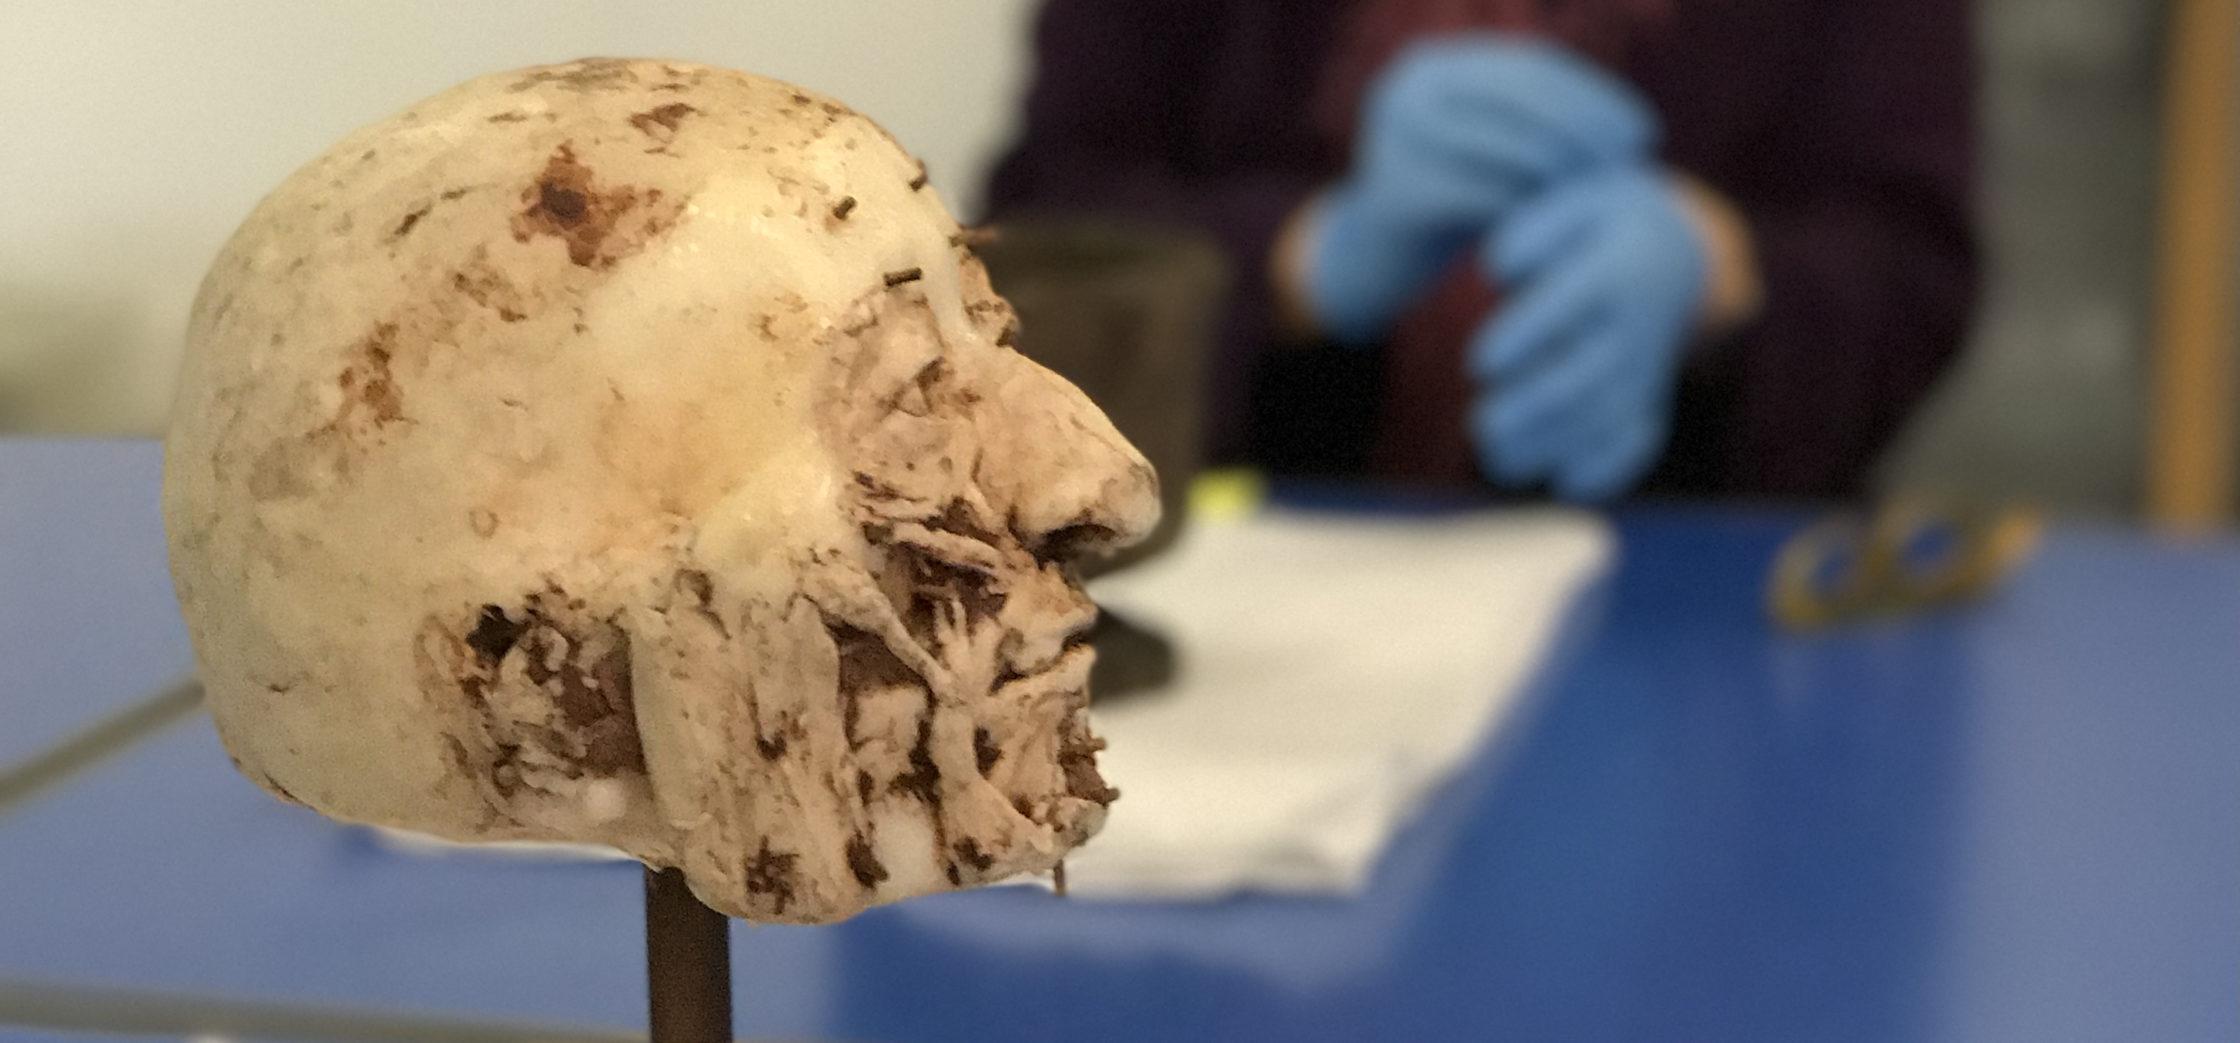 Model of a wax head in a museum